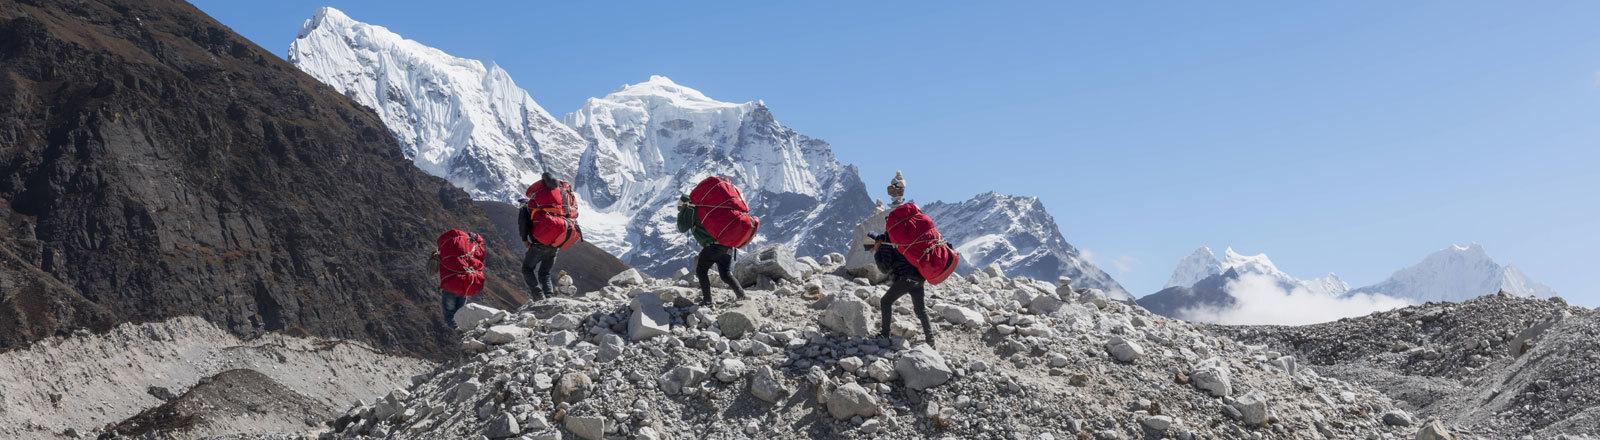 Nepal, Himalaya, Khumbu, Everest region, Porters on Ngozumpa glacier model